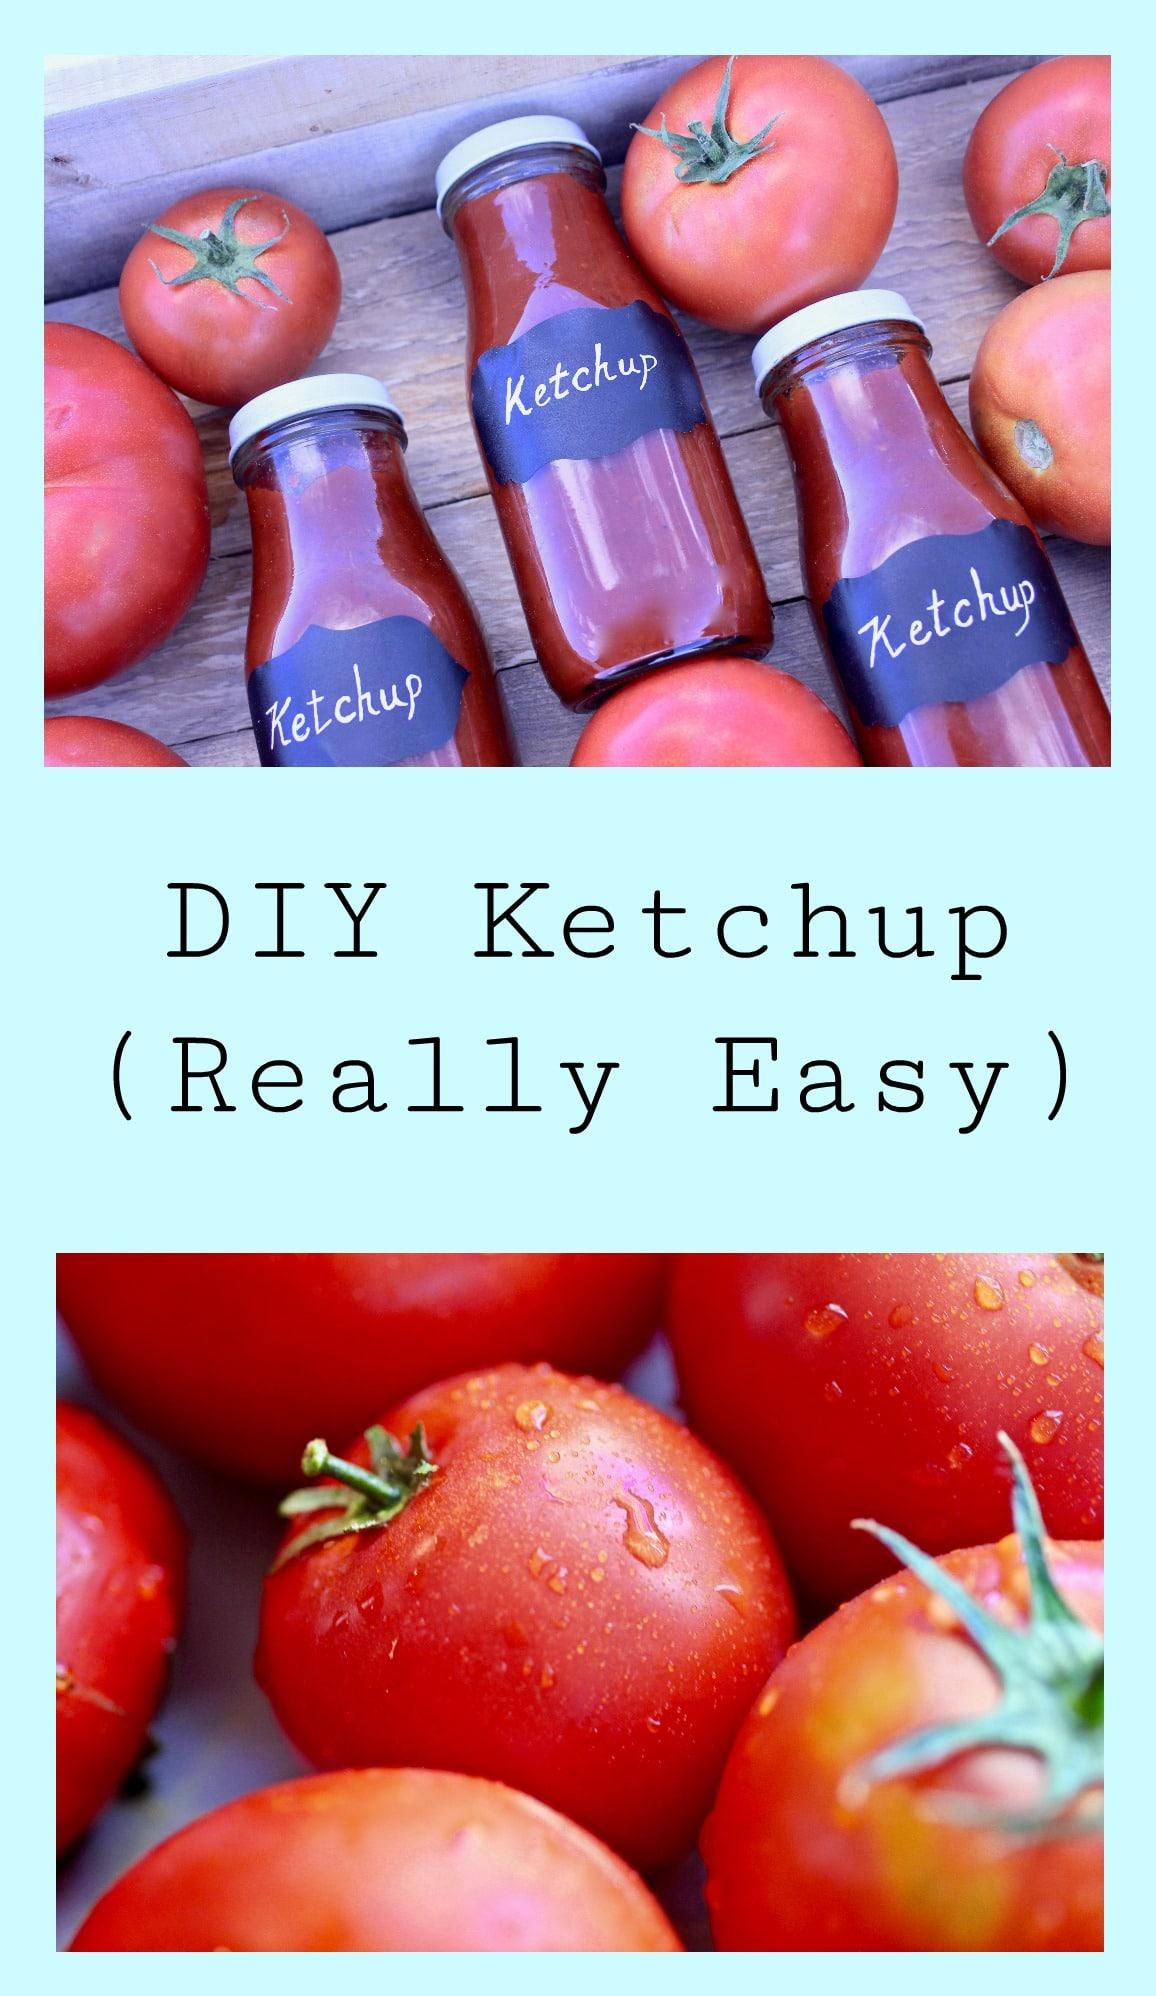 DIY Ketchup-9